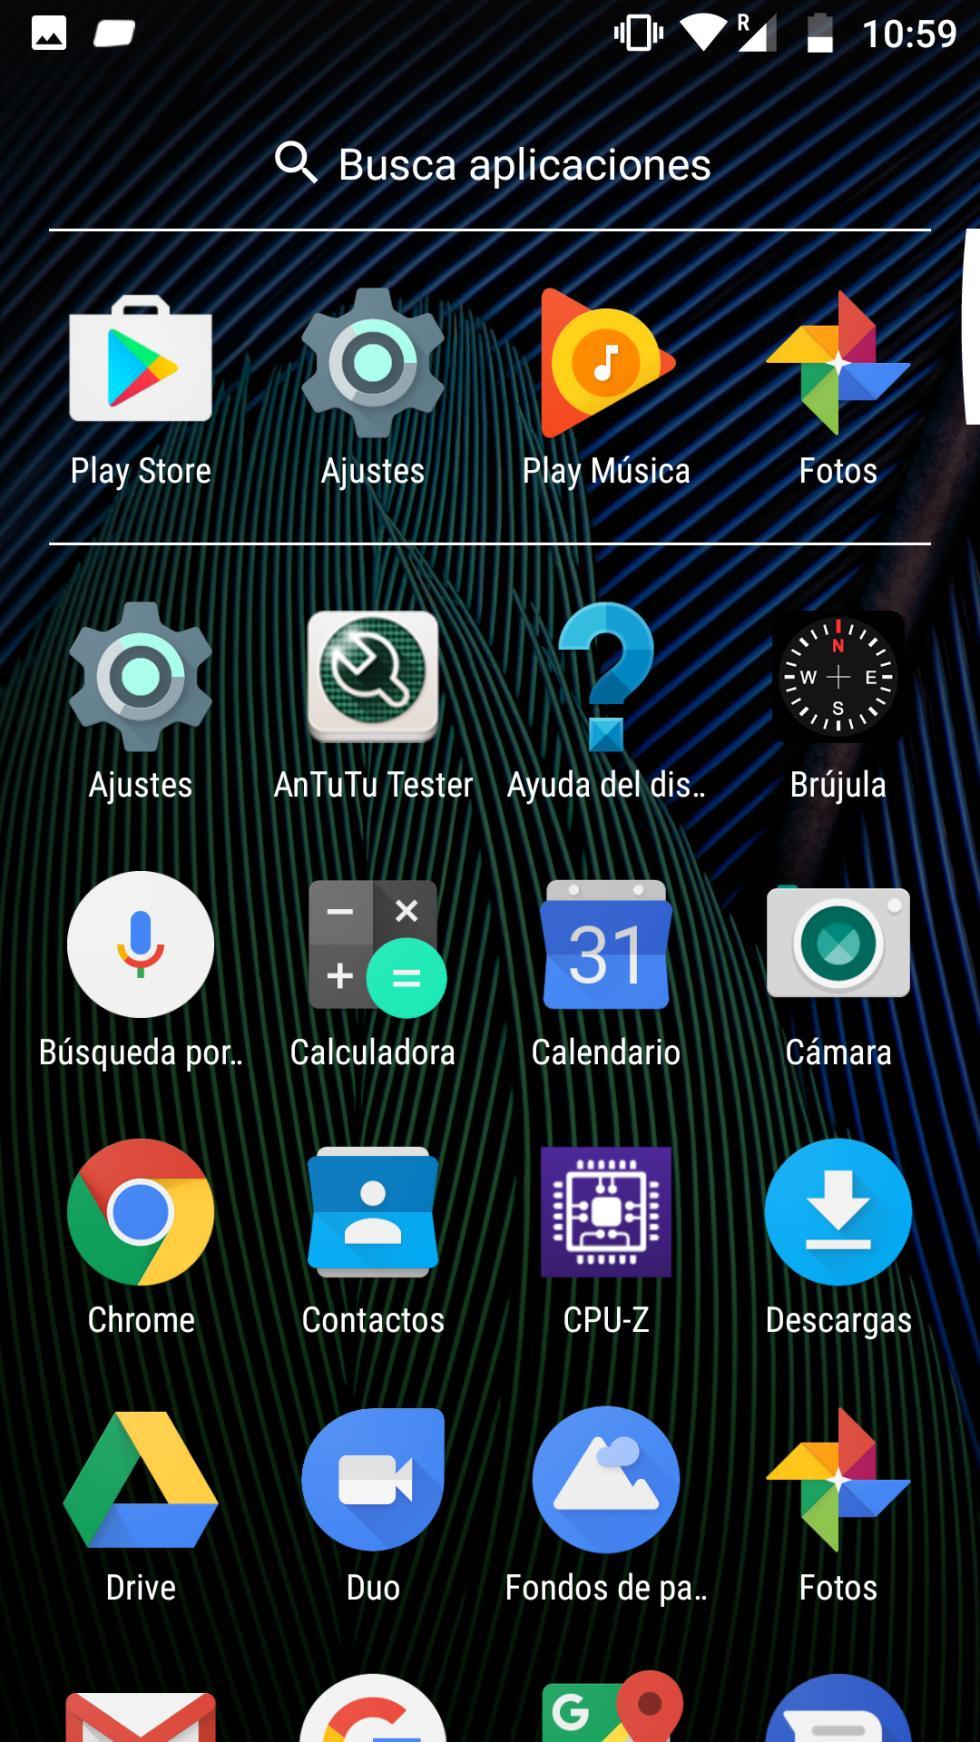 Pero todas las apps aparecen el cajón, que se despliega deslizando el dedo hacia arriba desde la parte inferior de la pantalla